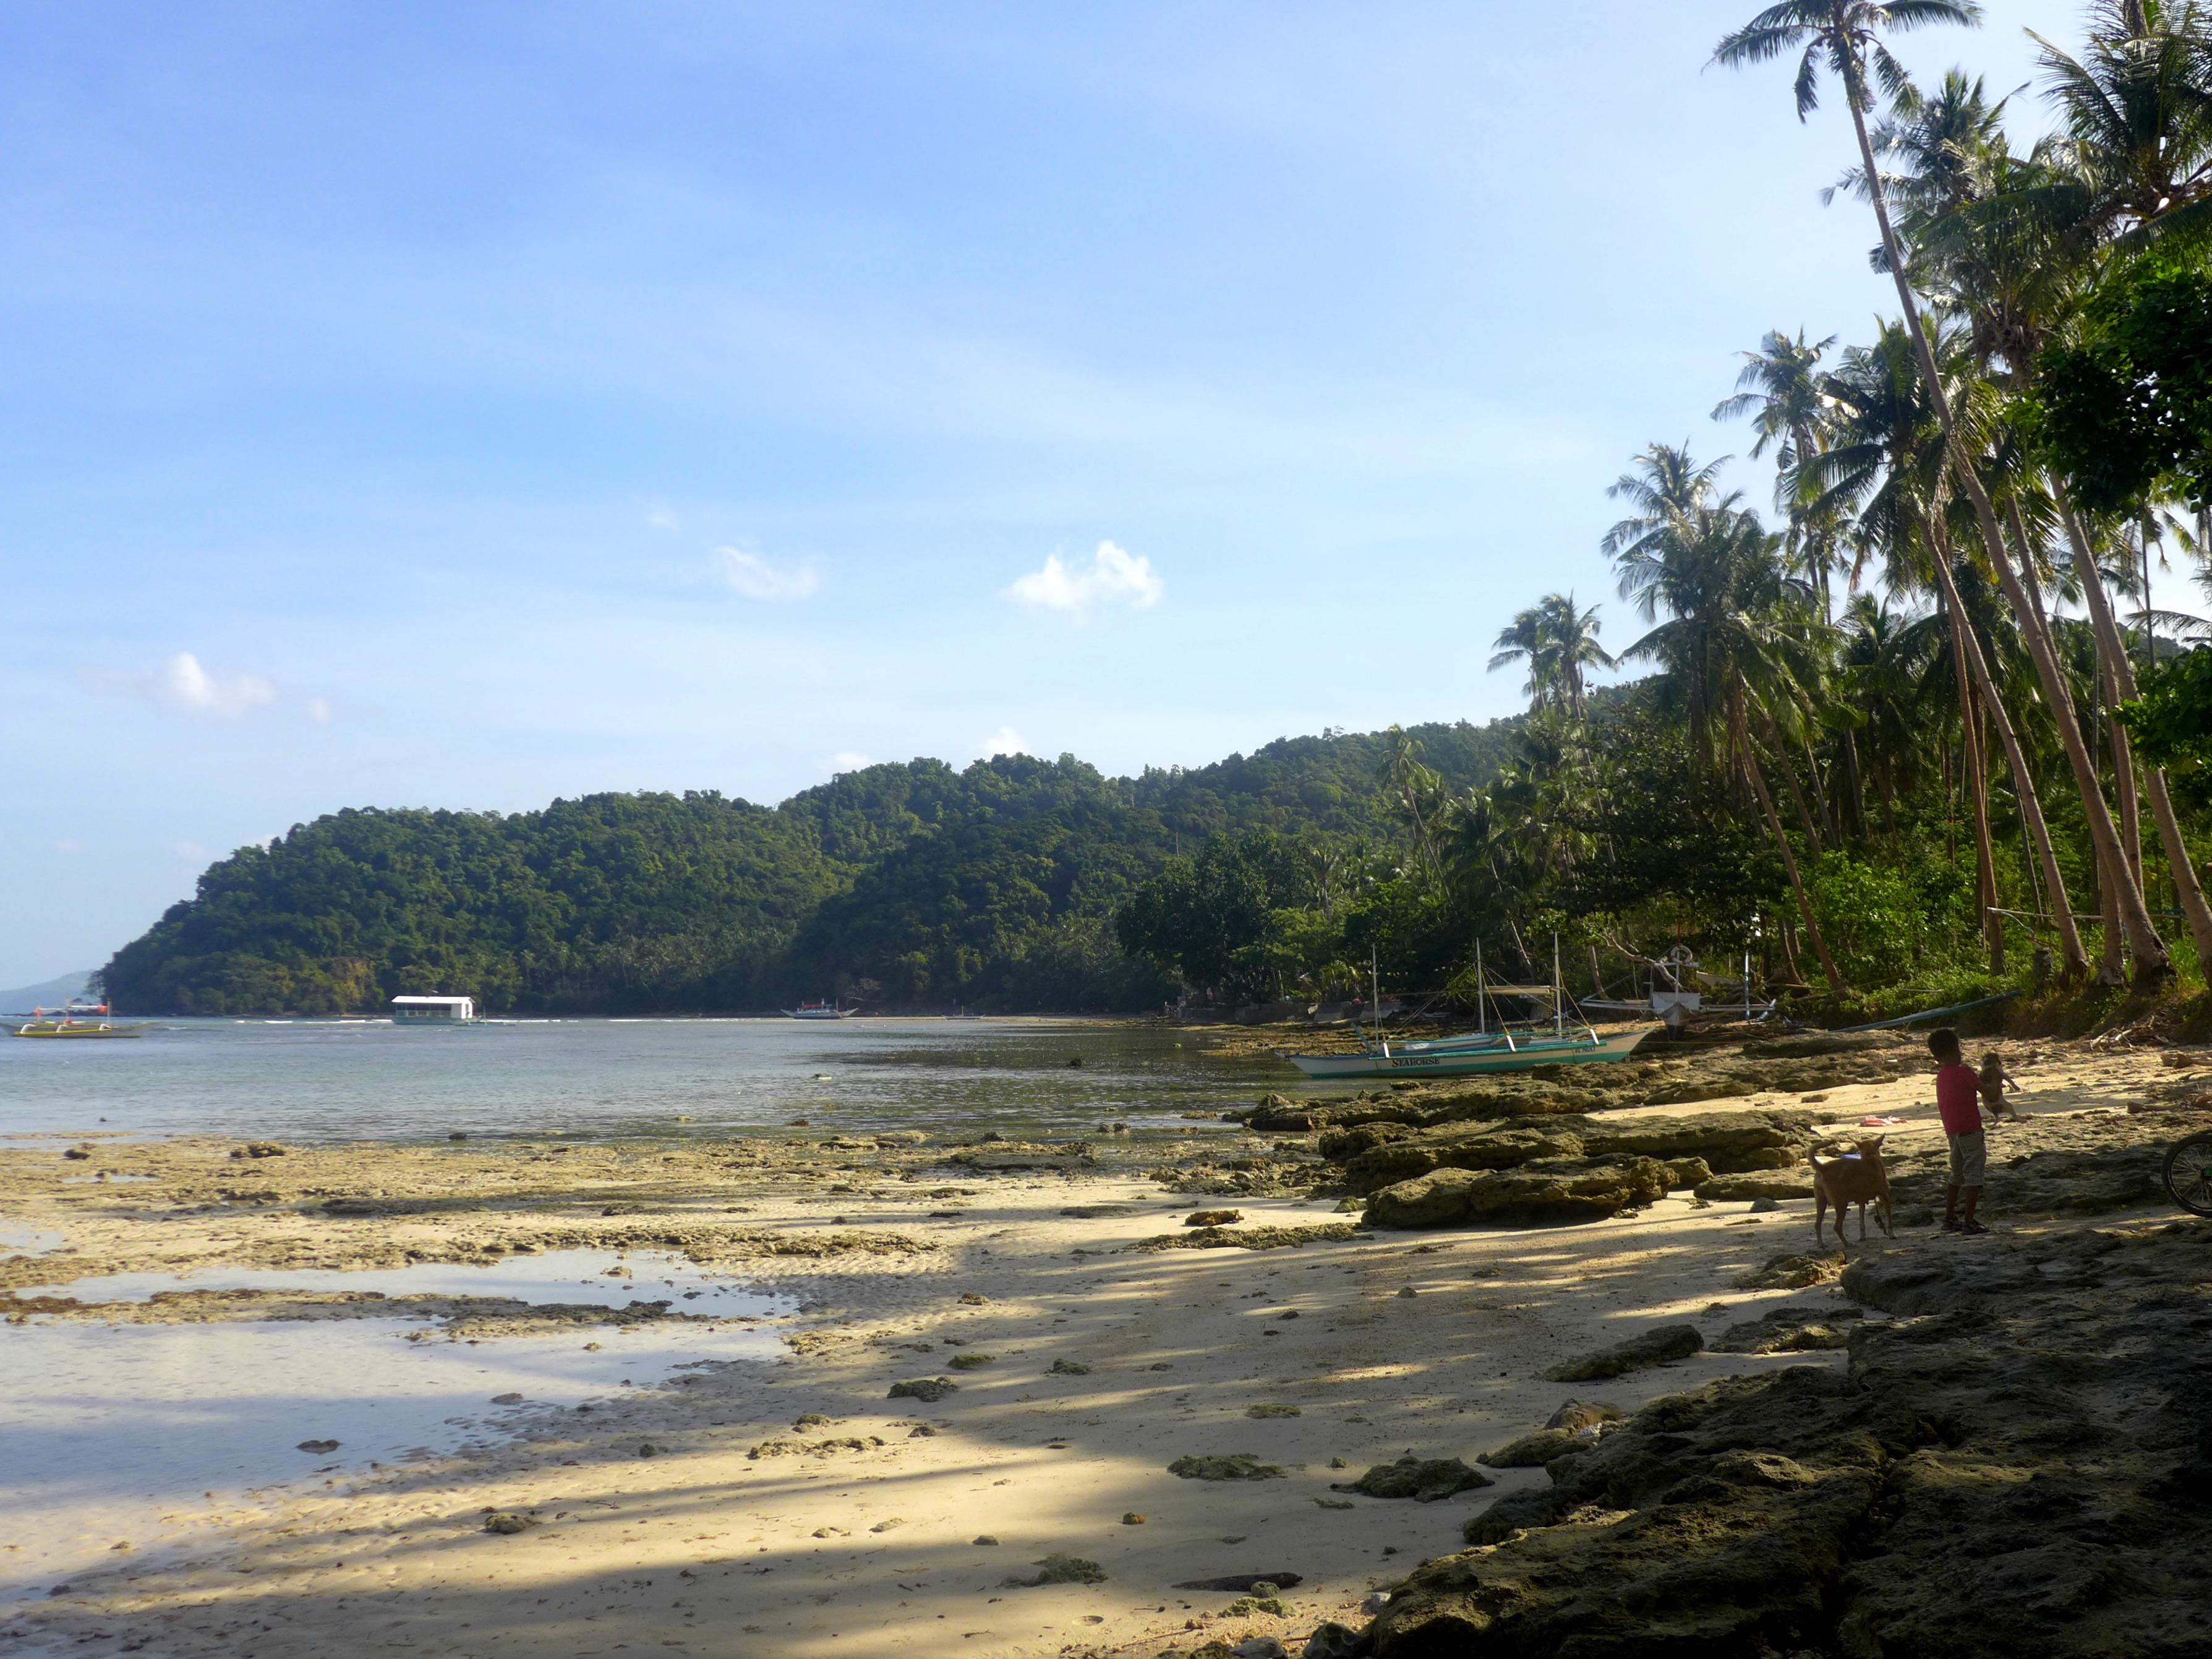 El Nido shore; El Nido island hopping; El Nido package tour; What to do in El Nido, Philippines; El Nido travel itinerary